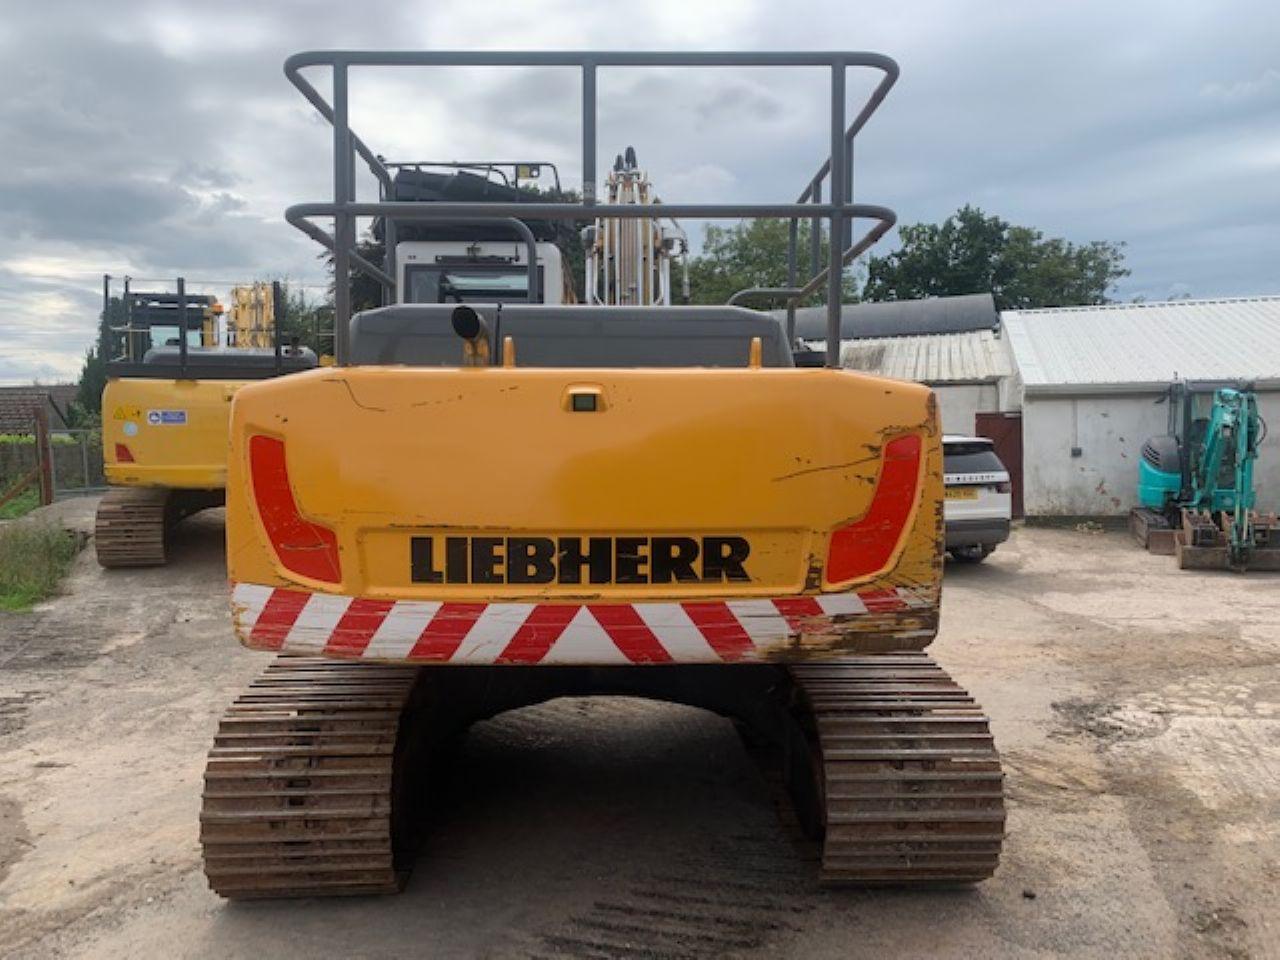 LIEBHERR R922 LC EXCAVATOR - Picture 2